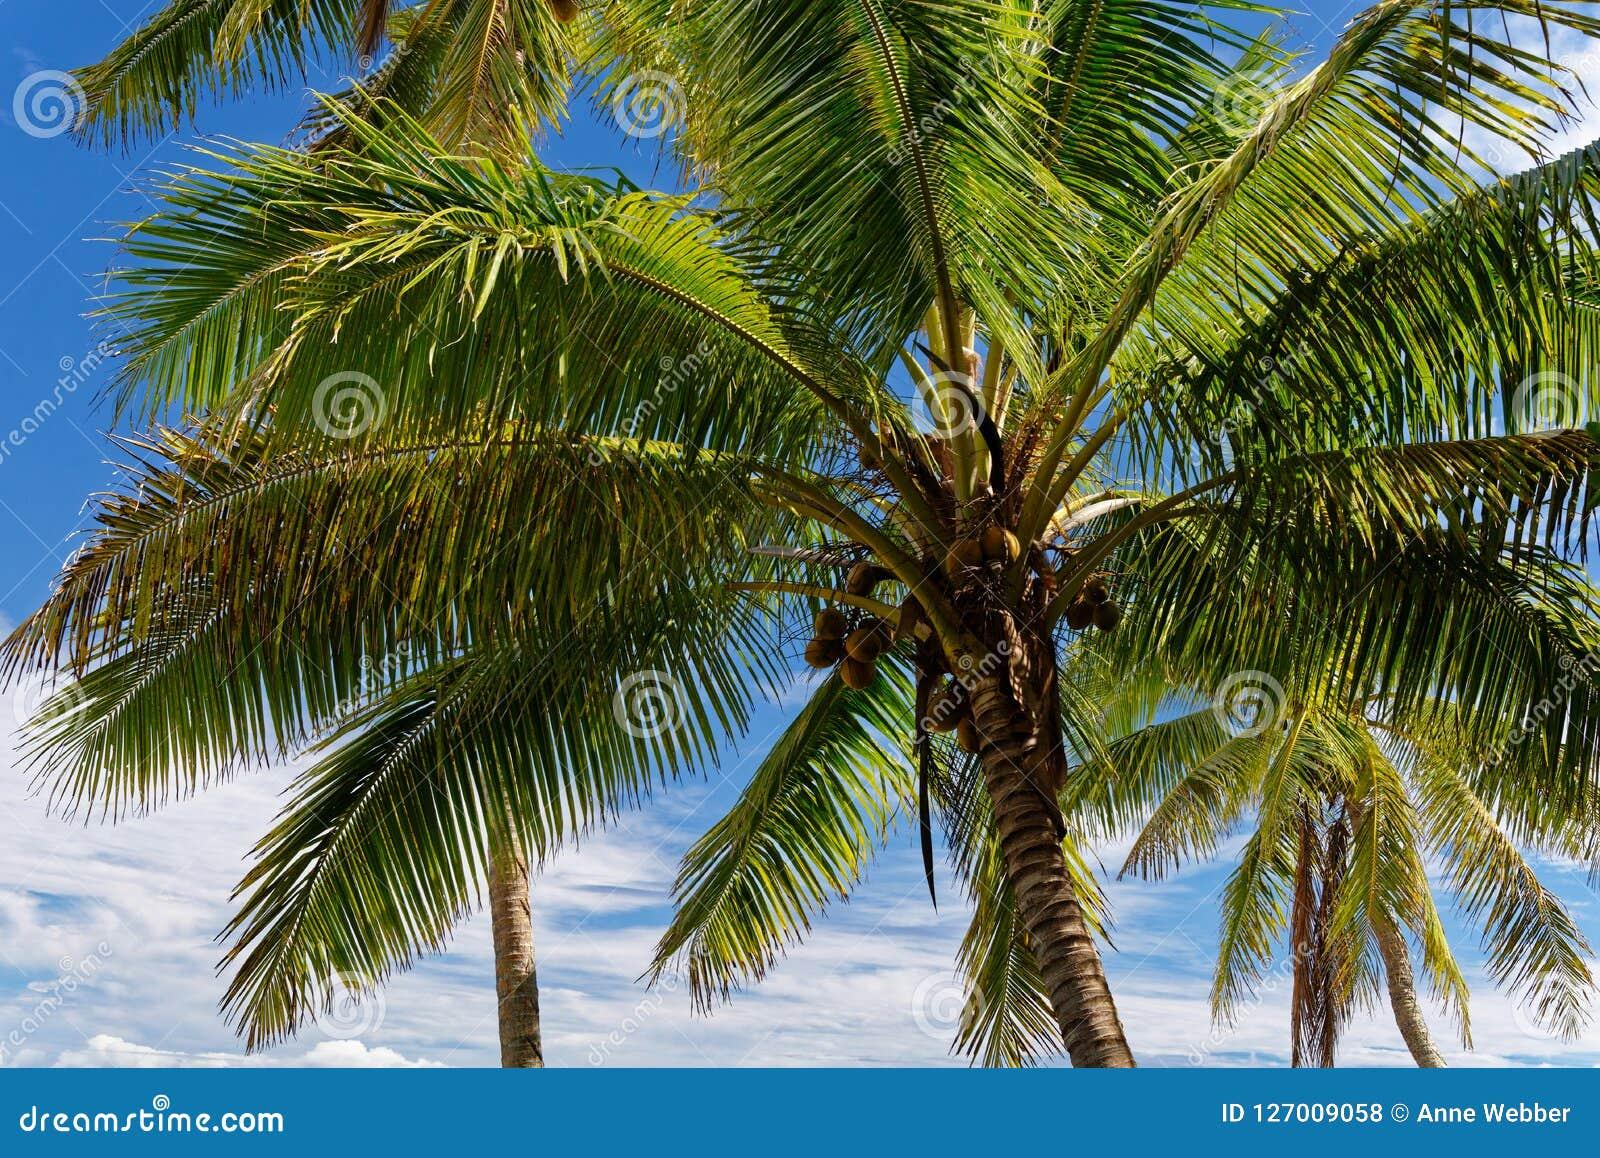 Spoczynkowy i relaks w ten tropikalnym raju pod kokosowymi drzewami i niebieskim niebem